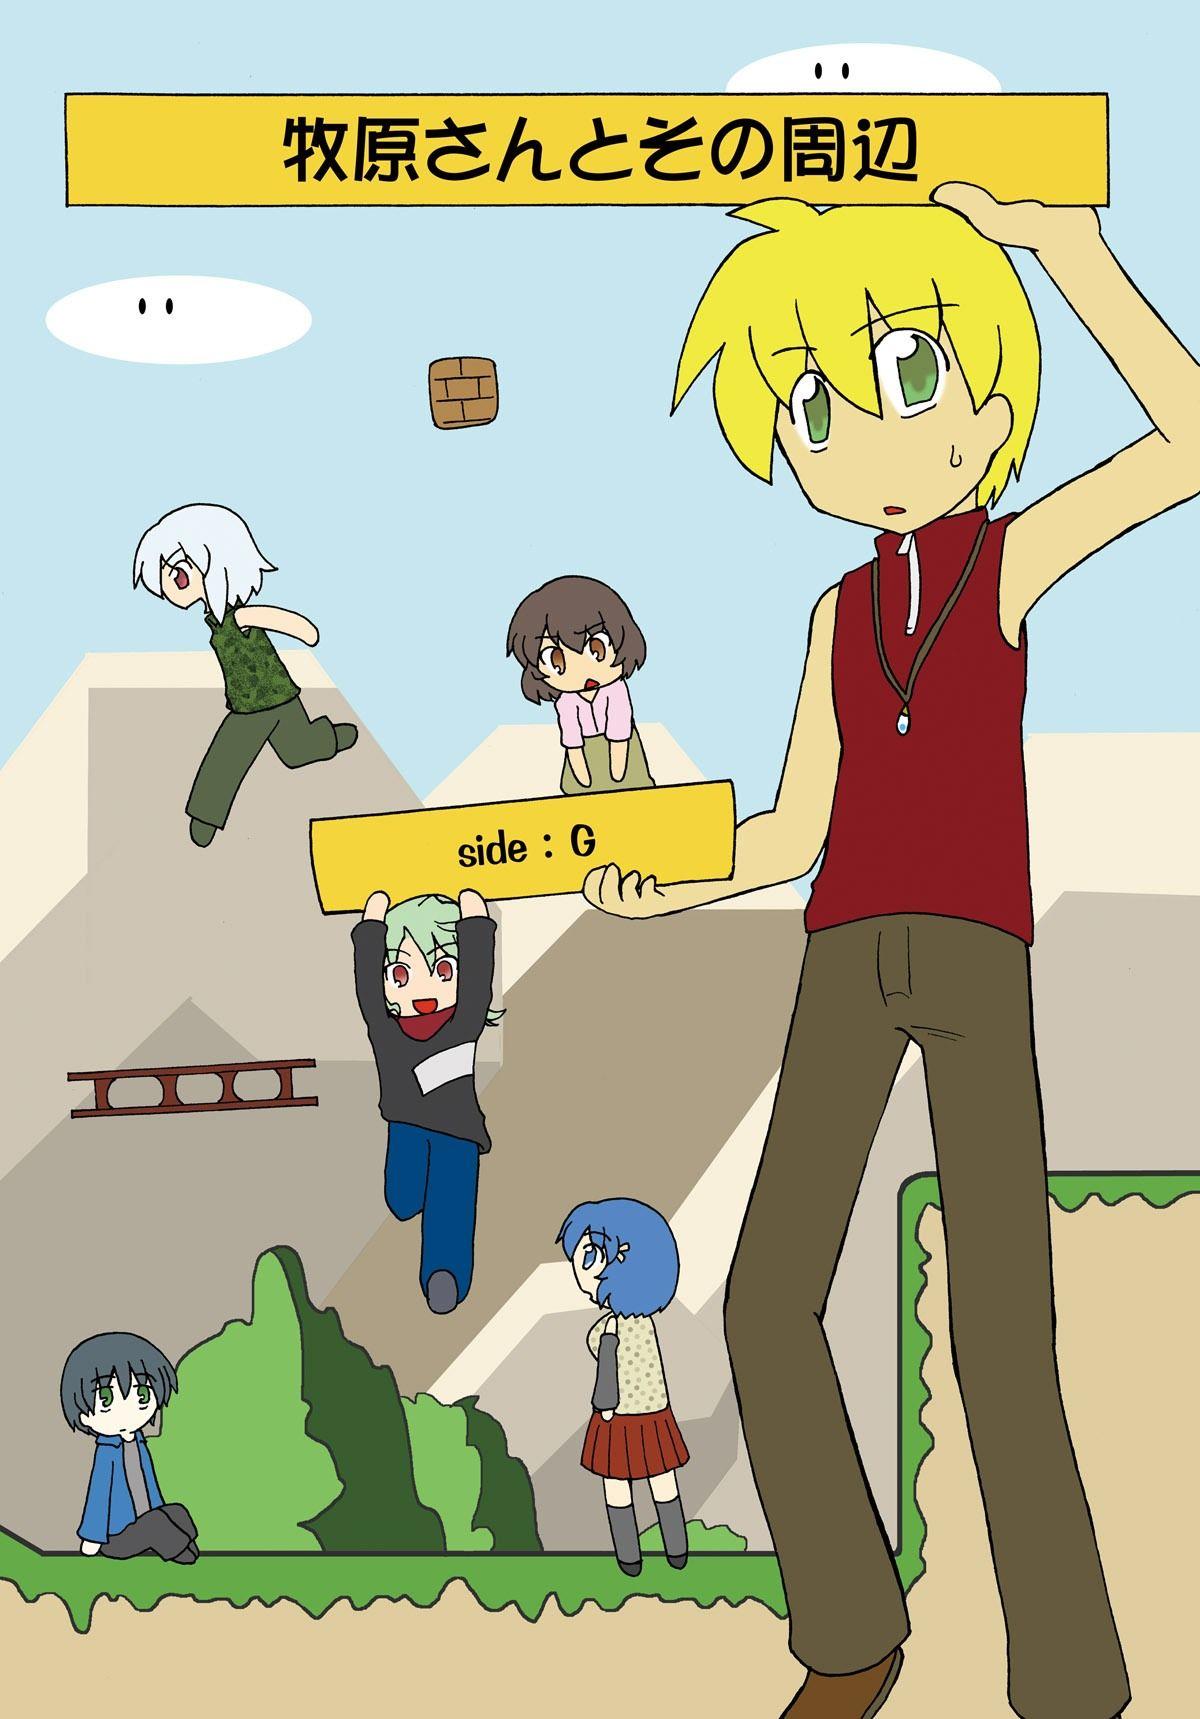 【るい 3P】天然な男の娘の少年の、るいの3P4Pの同人エロ漫画!